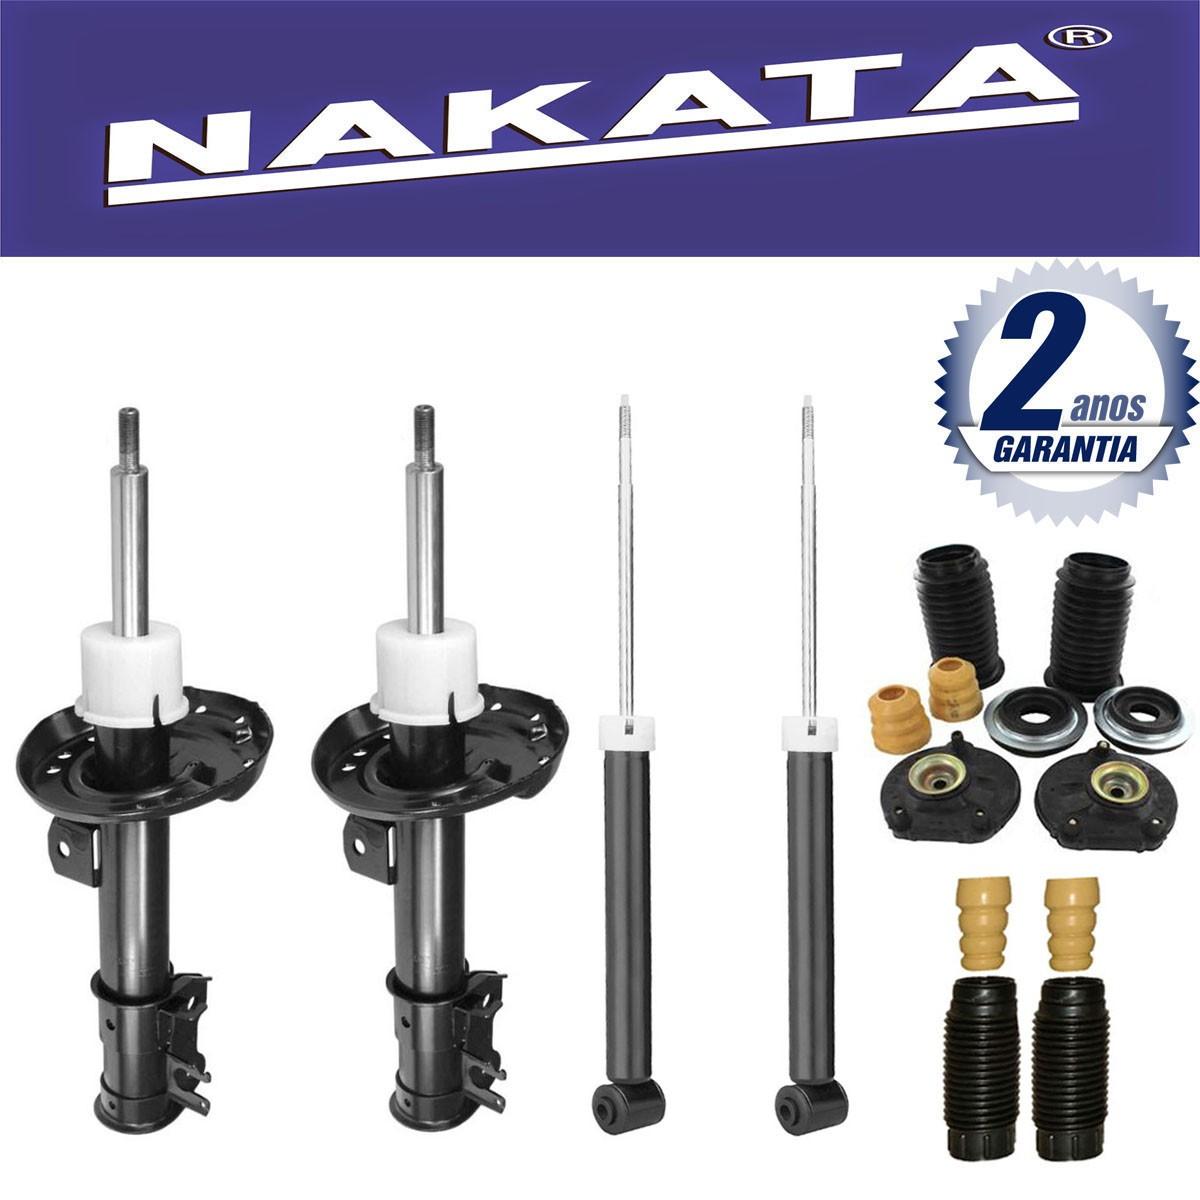 Jogo 04 Amortecedores Nakata Punto 2007 Até 2012 (Exceto T-Jet) + Kit da Suspensão